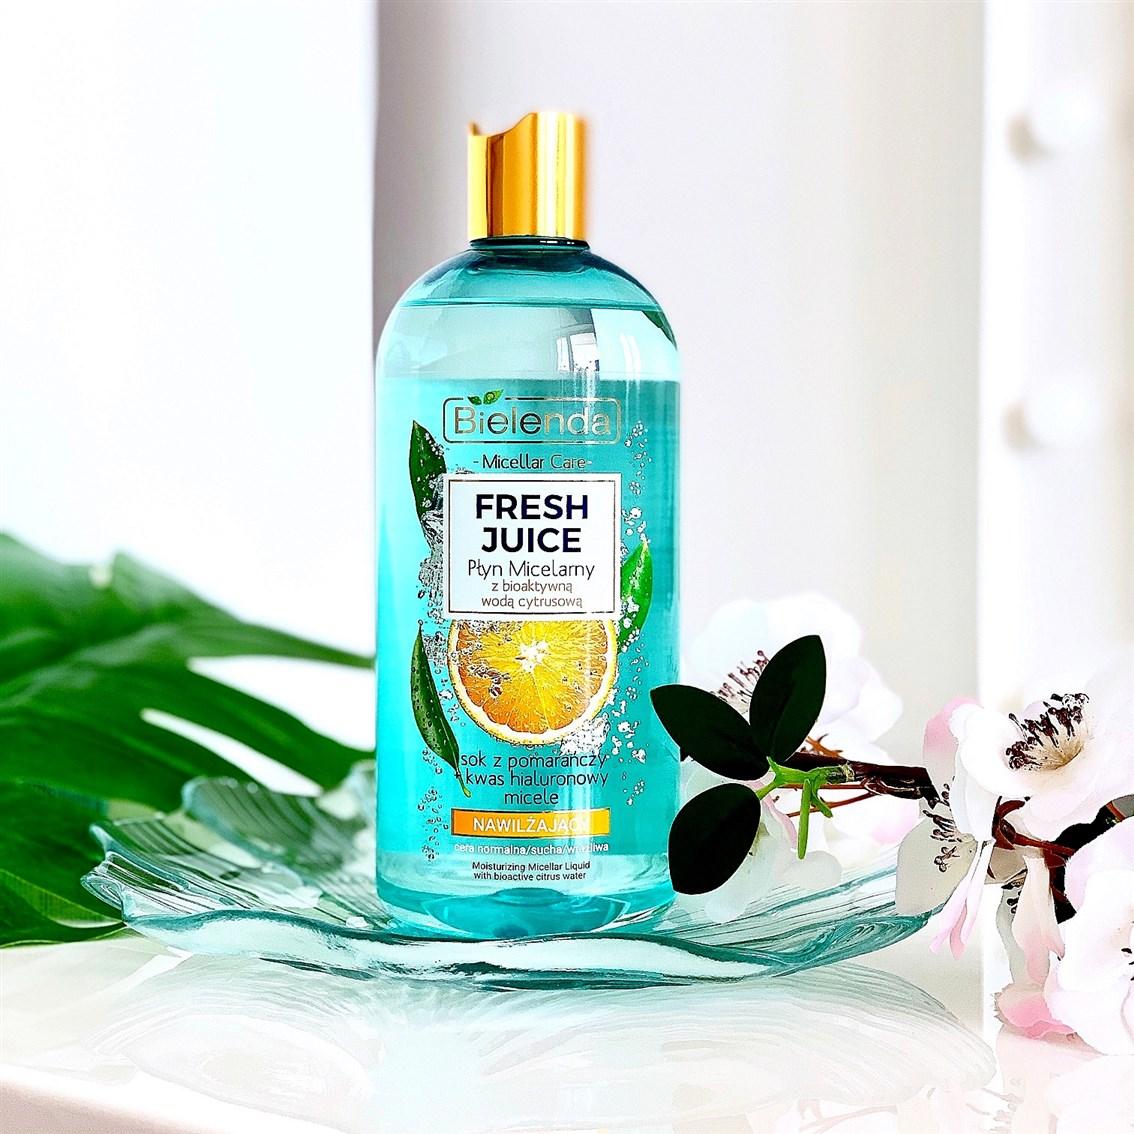 Bielenda Fresh Juice nawilżający płyn micelarny pomarańcza opinie